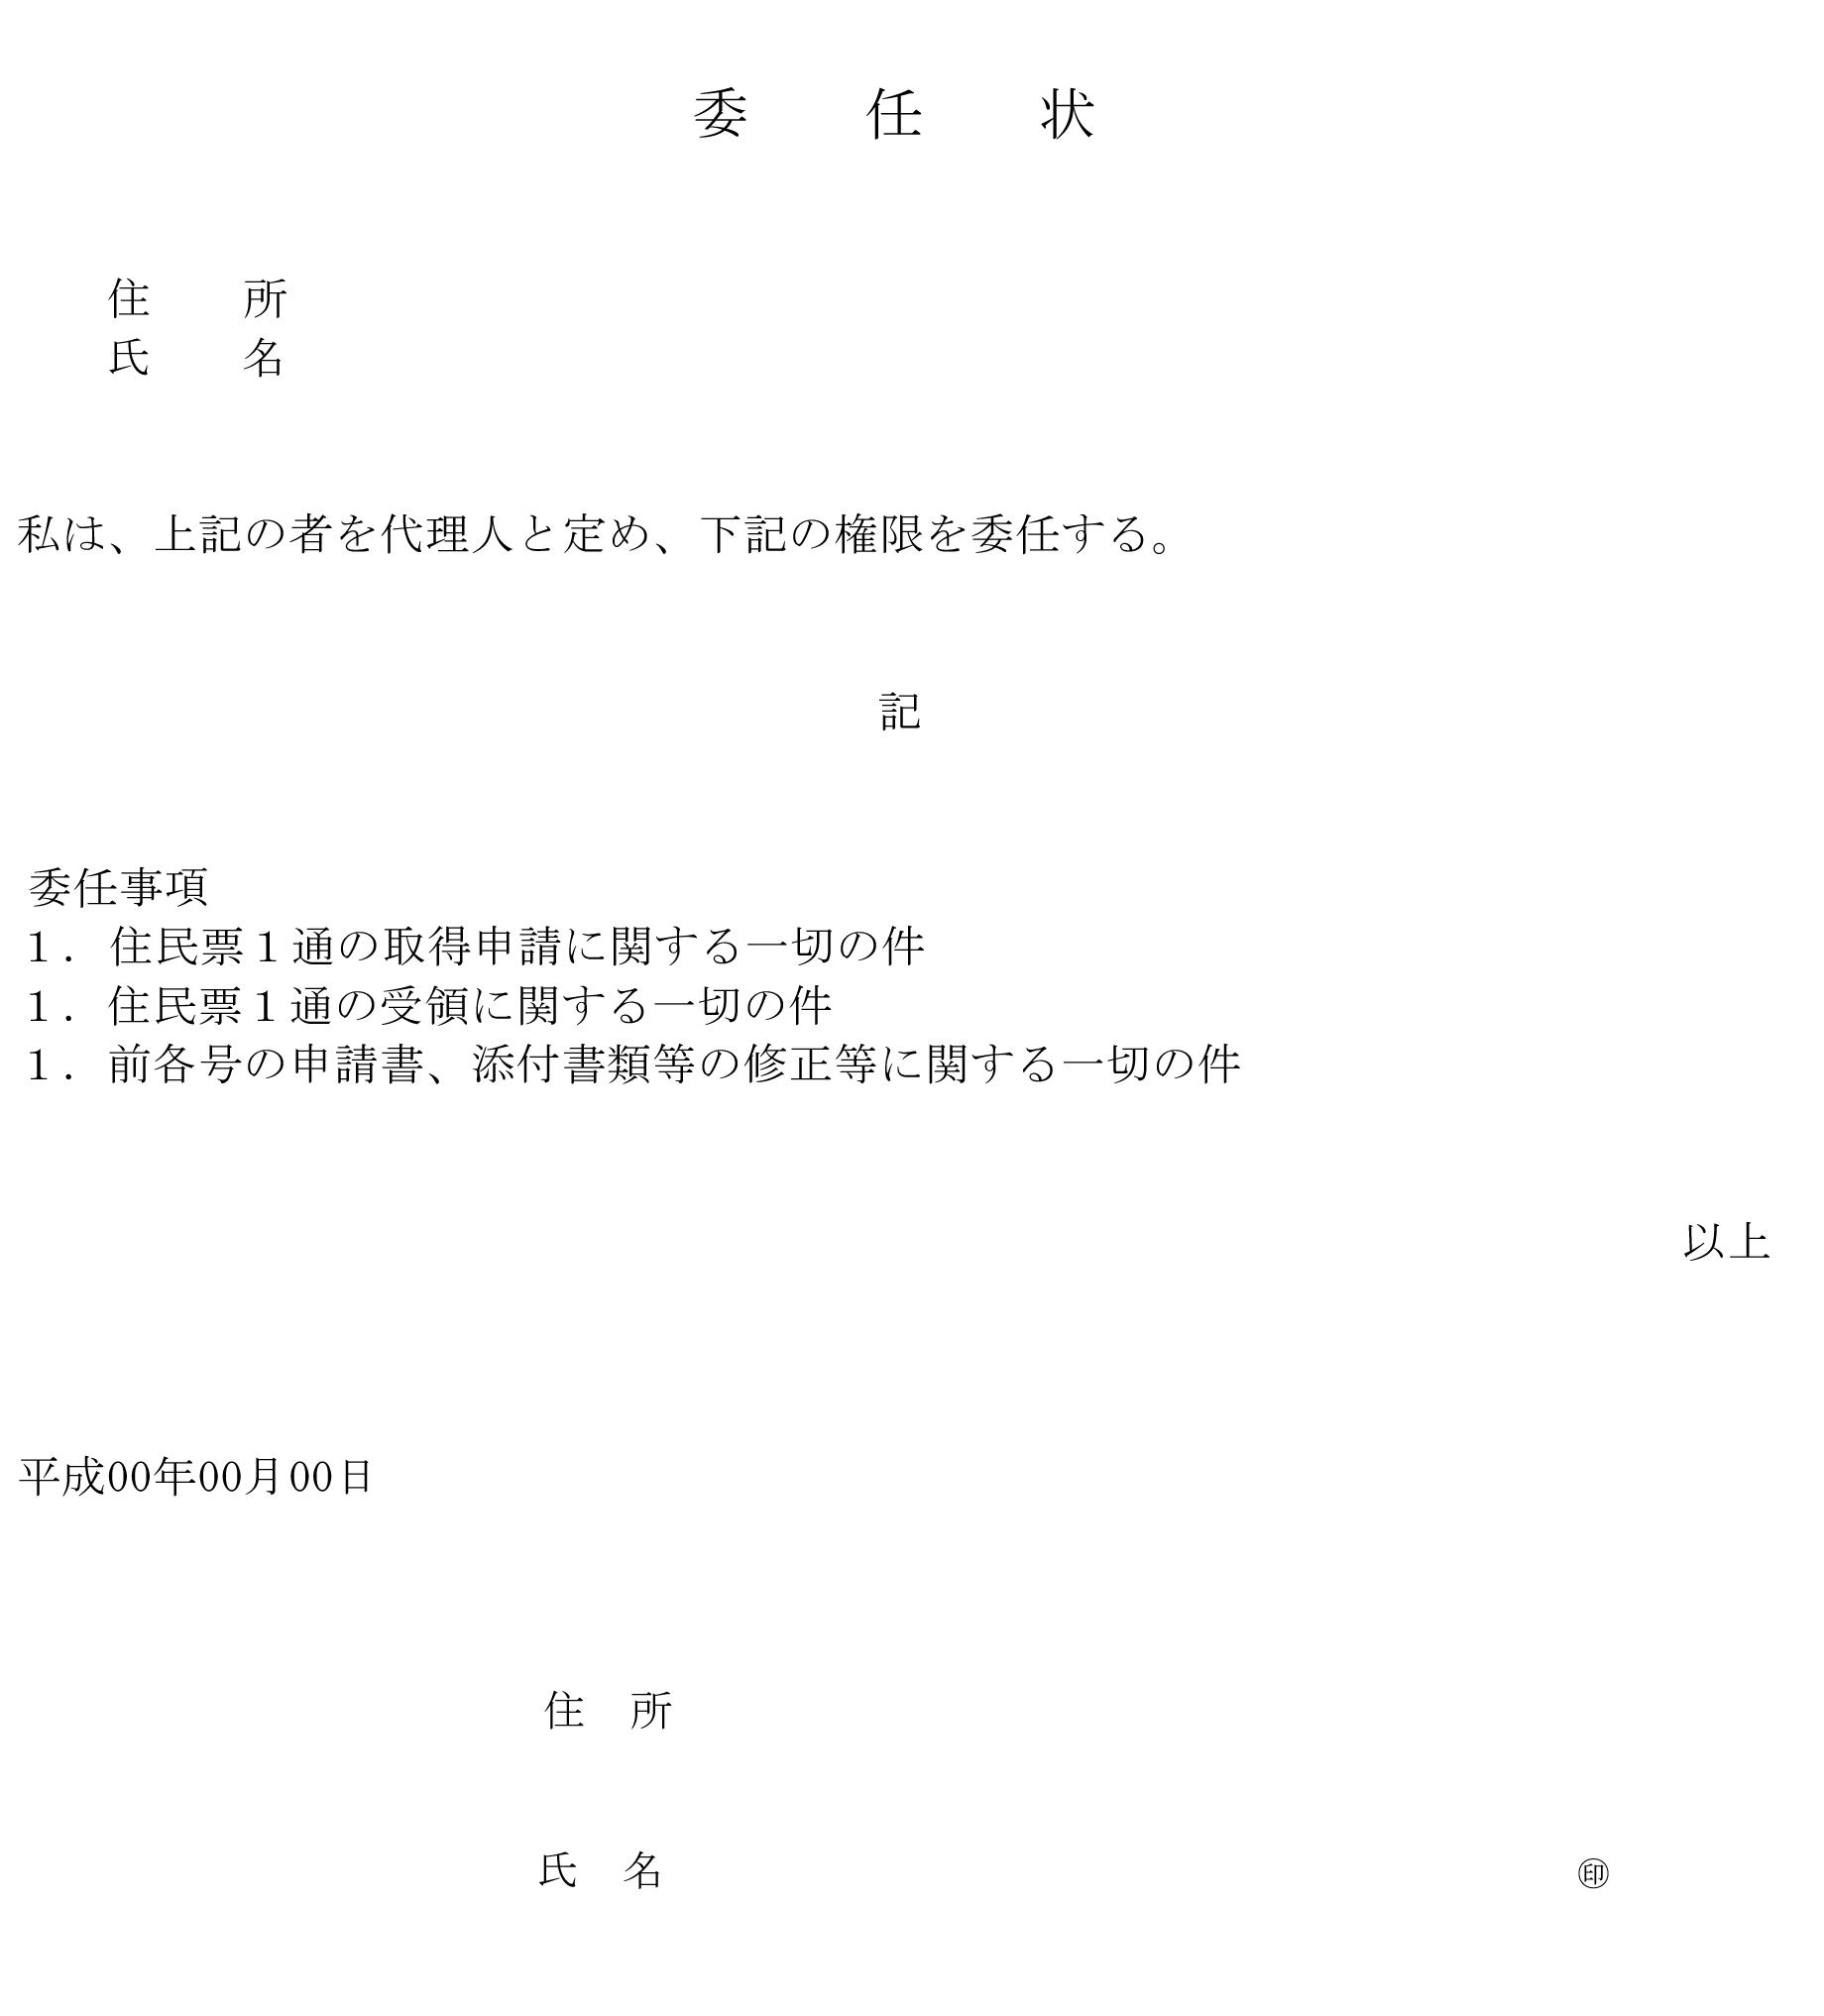 委任状(住民票)